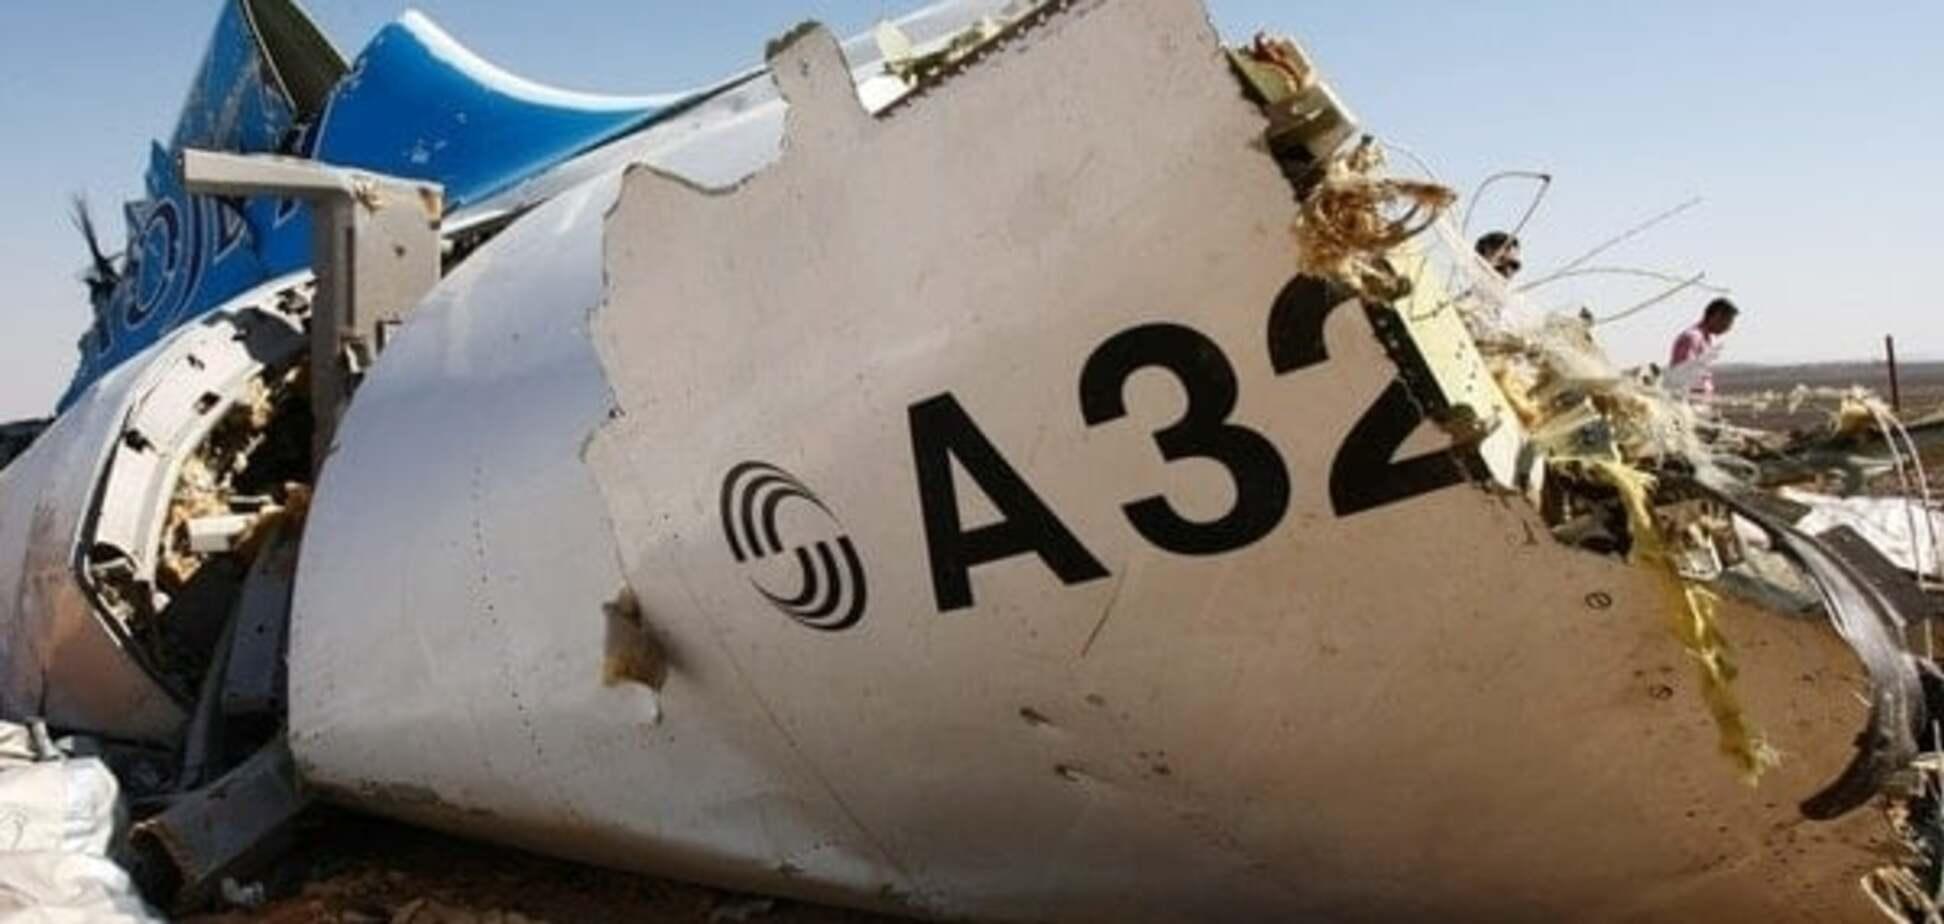 The Sunday Times назвала имя организатора взрыва на А321